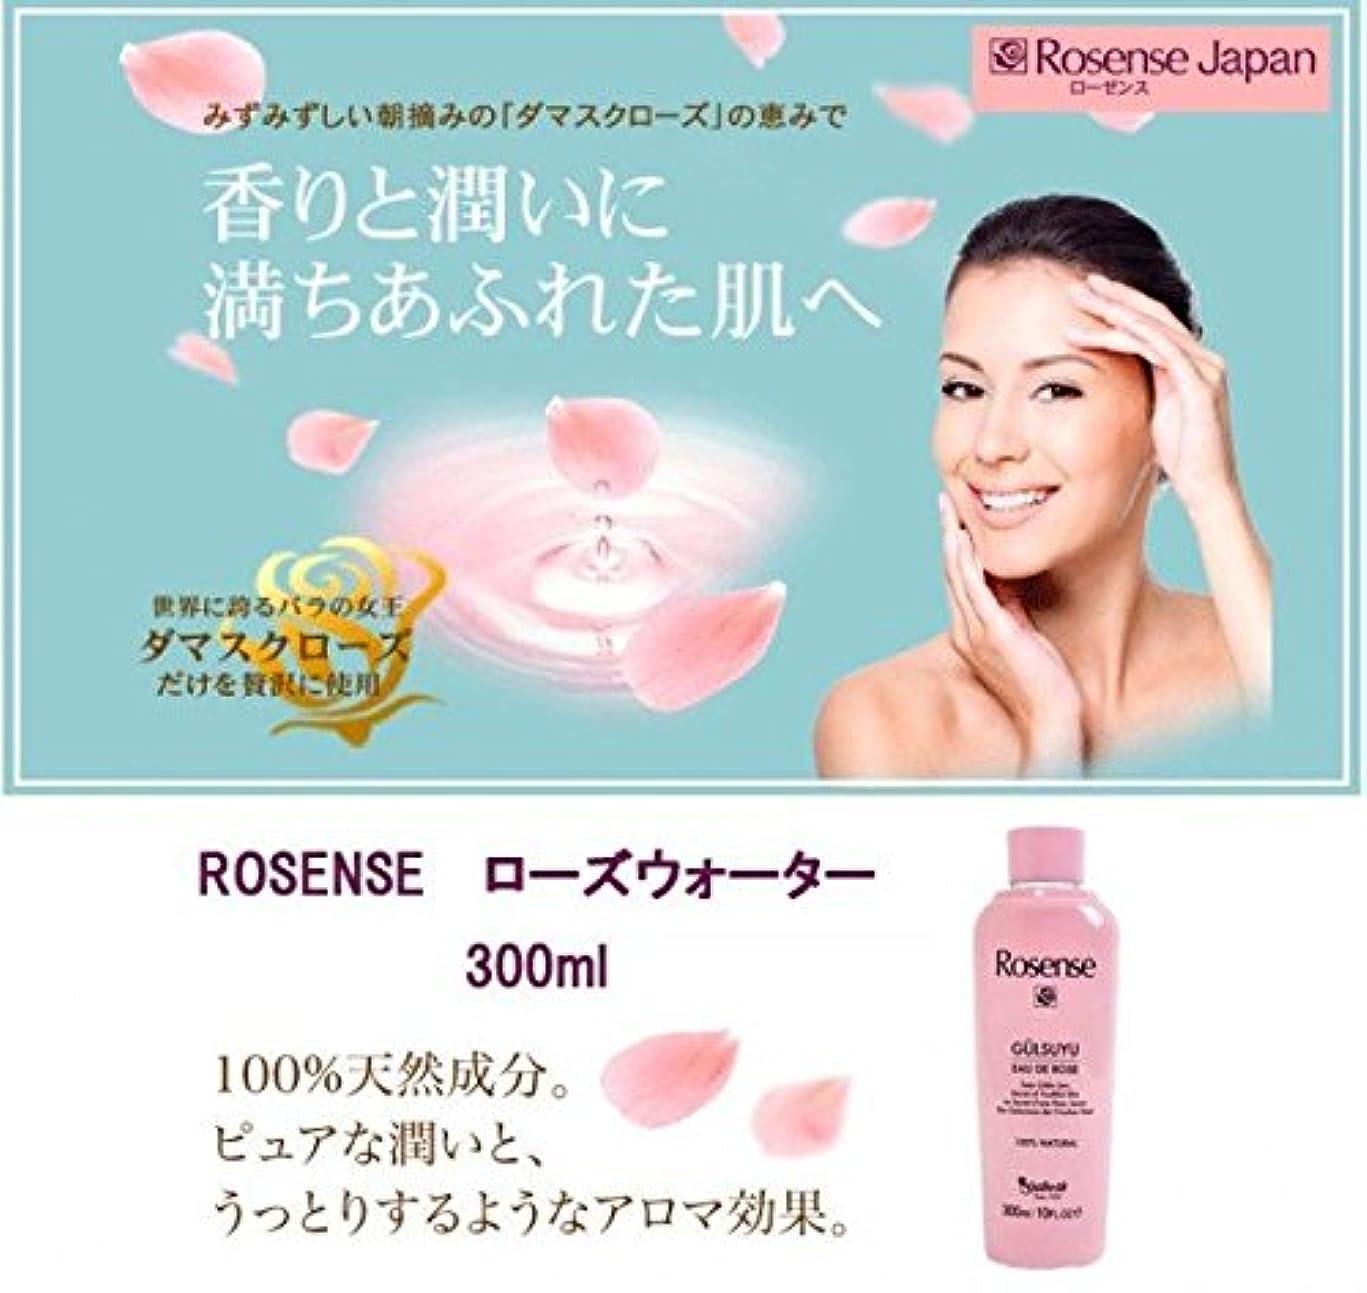 再び魅力的であることへのアピール引退するROSENSE ローズウォーター 300ml バラの芳醇な香りに包まれながら お肌を整えます